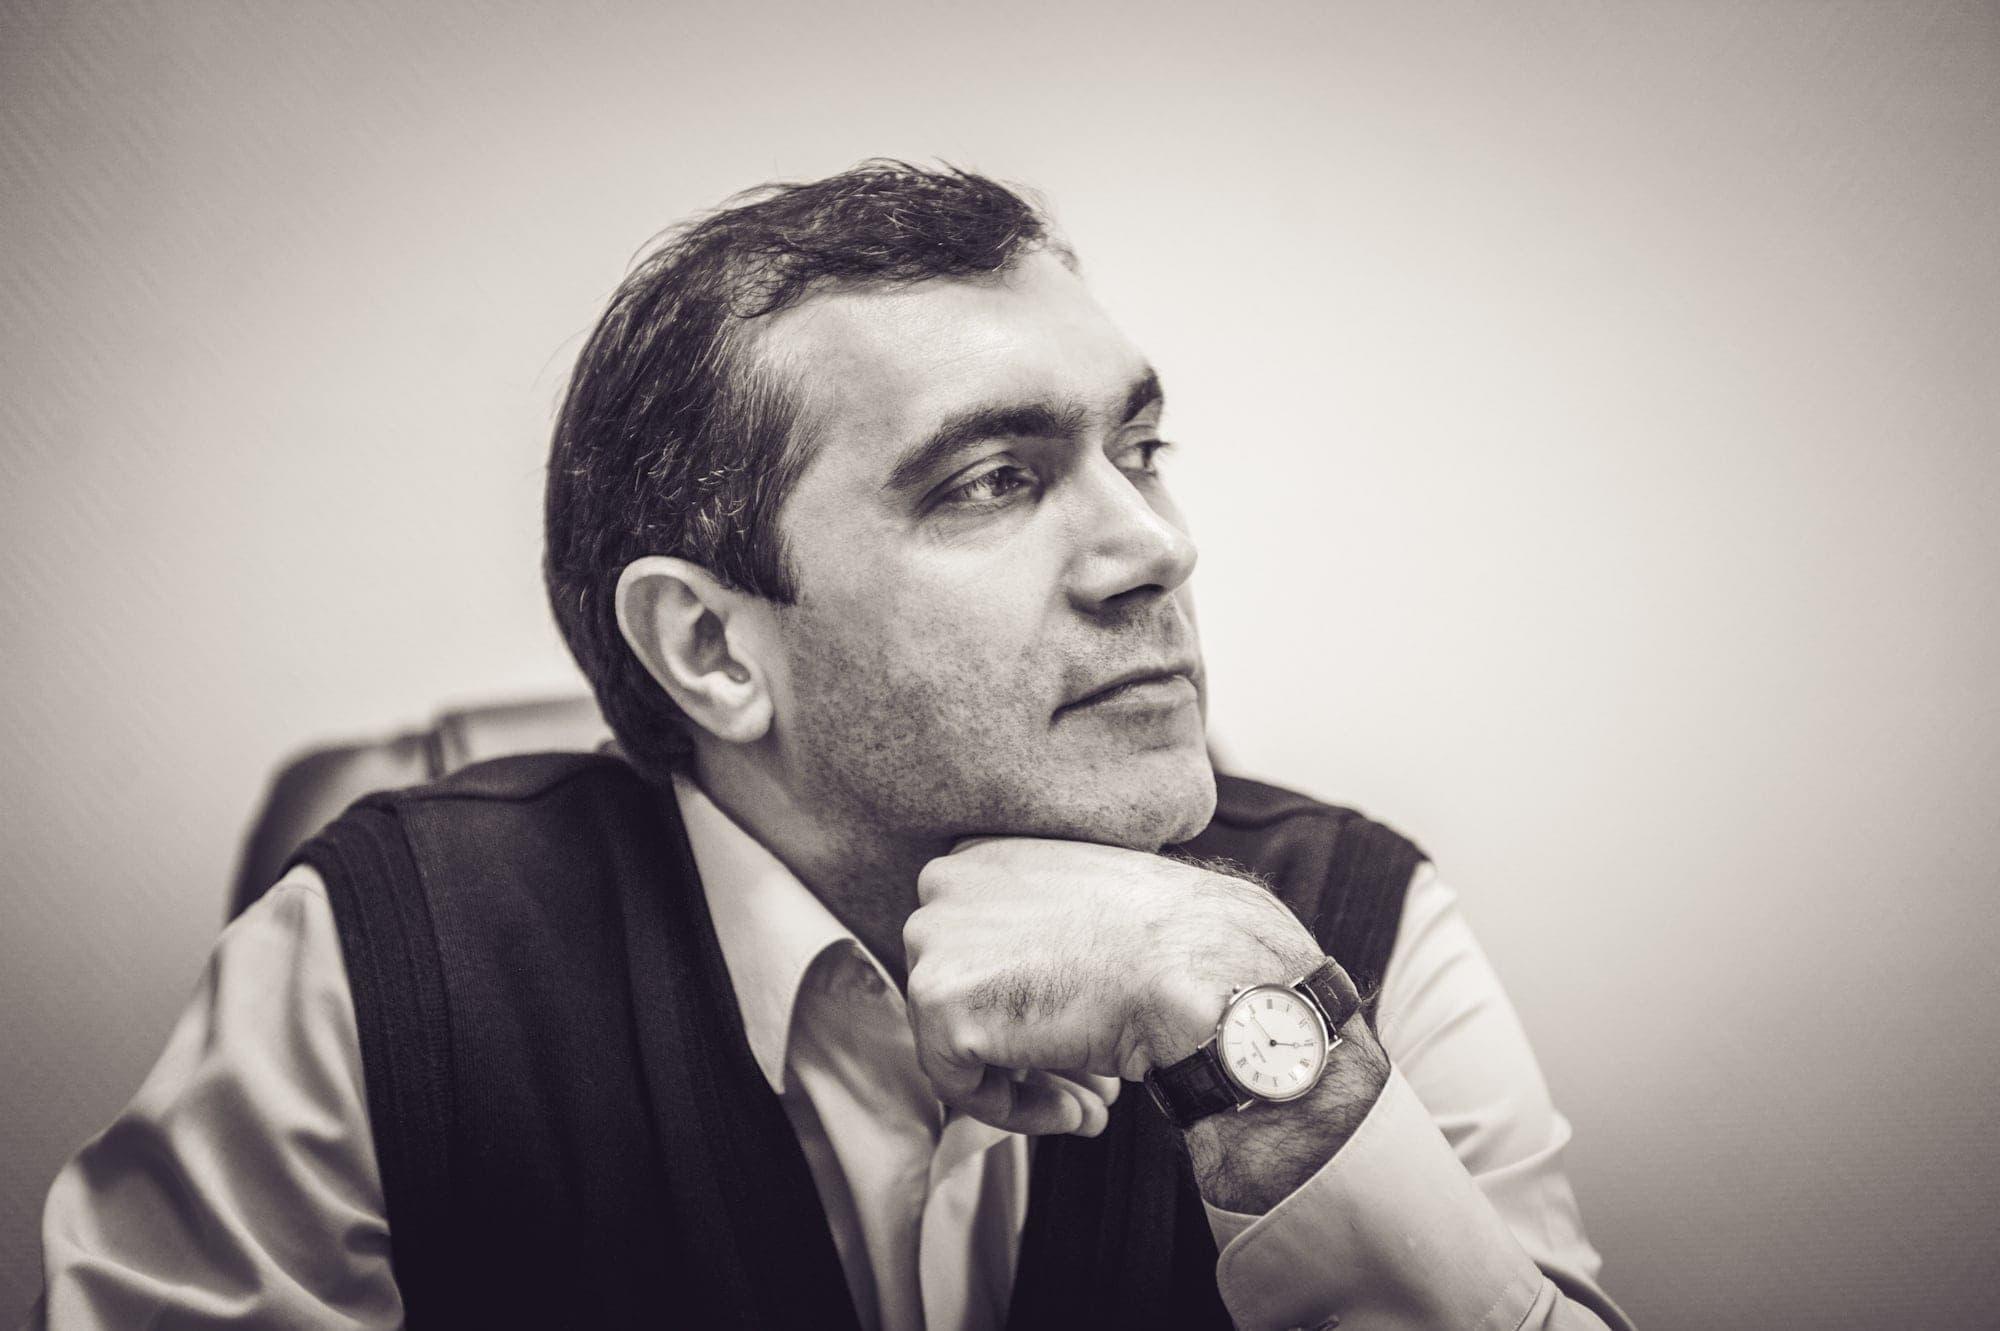 Ярослав Ткаленко. Фото - Владимир Дударев